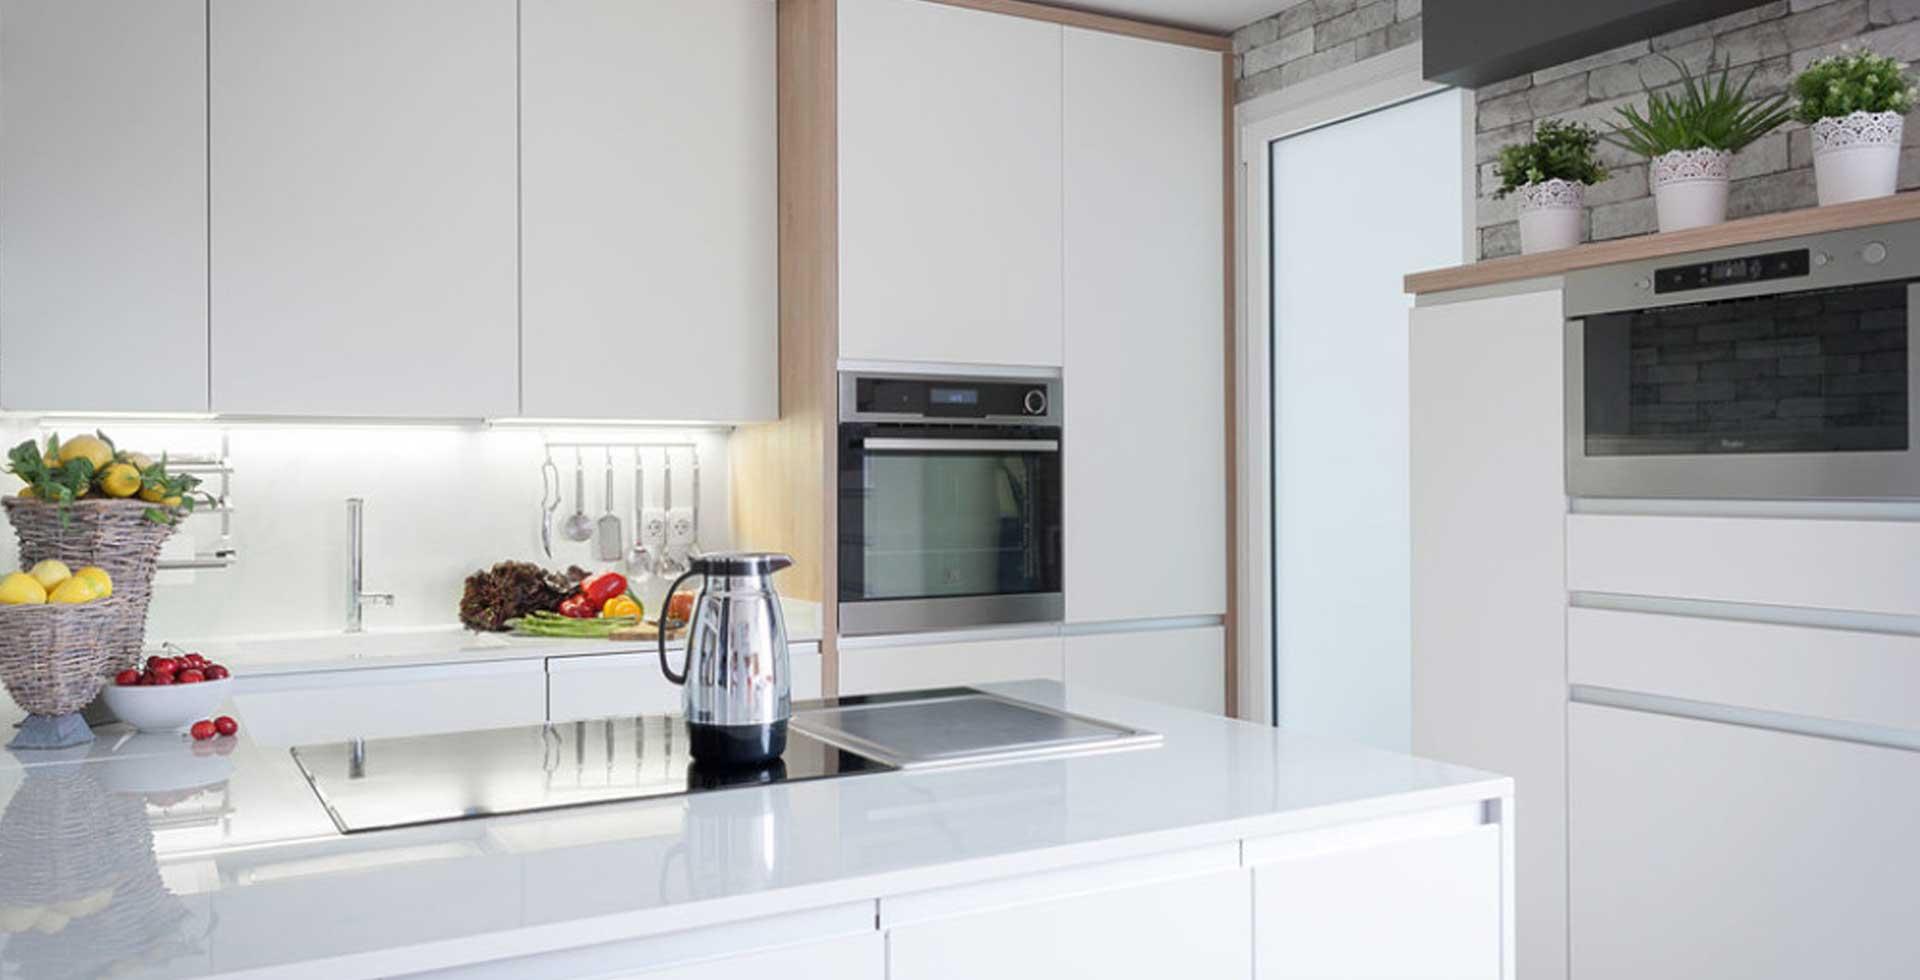 Tipos de encimera de cocina granito o Silestone cul